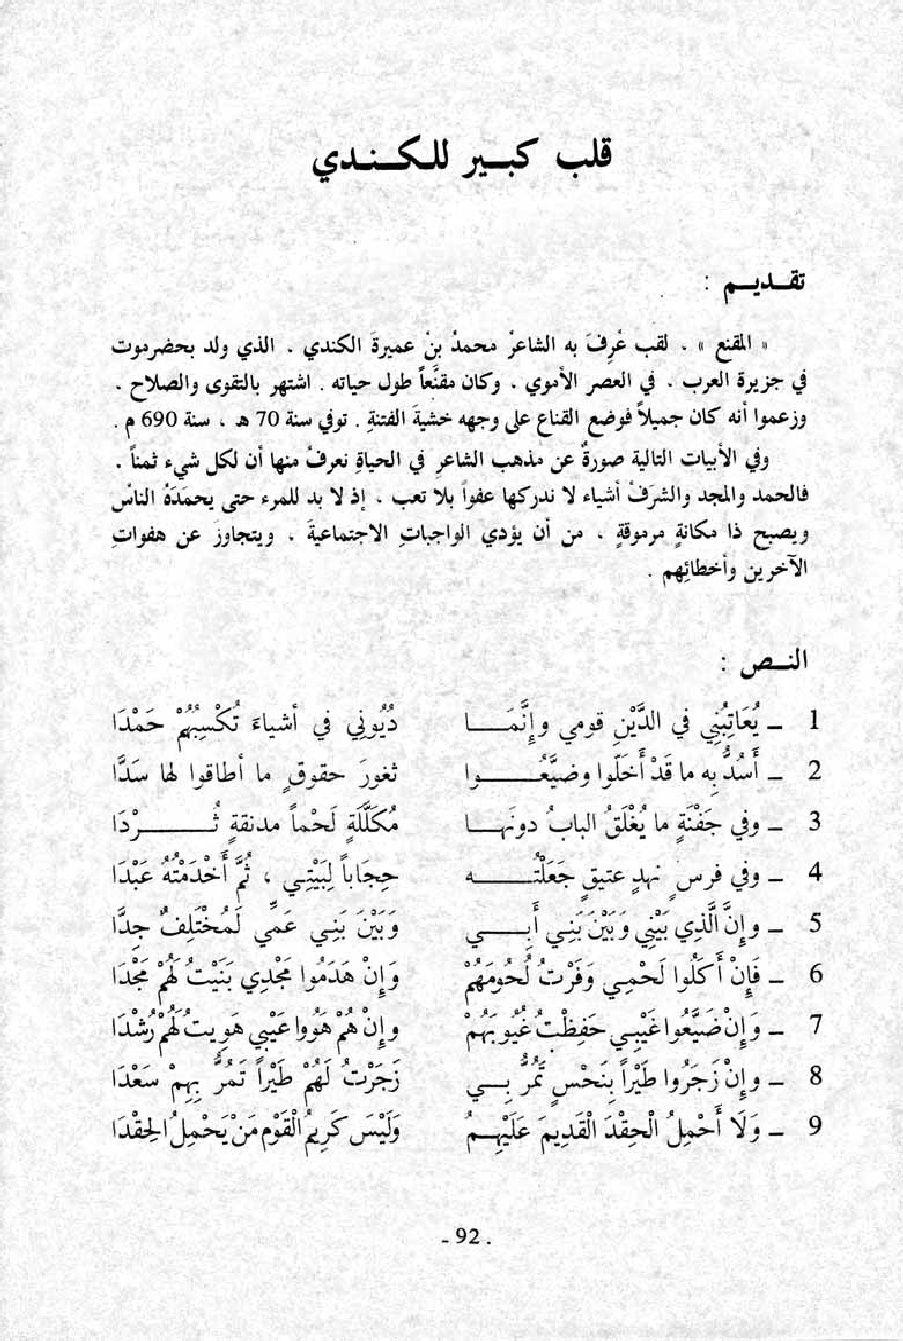 المختار في القراءة والنصوص4 متوسط Arabic Poetry Quotes Learning Arabic